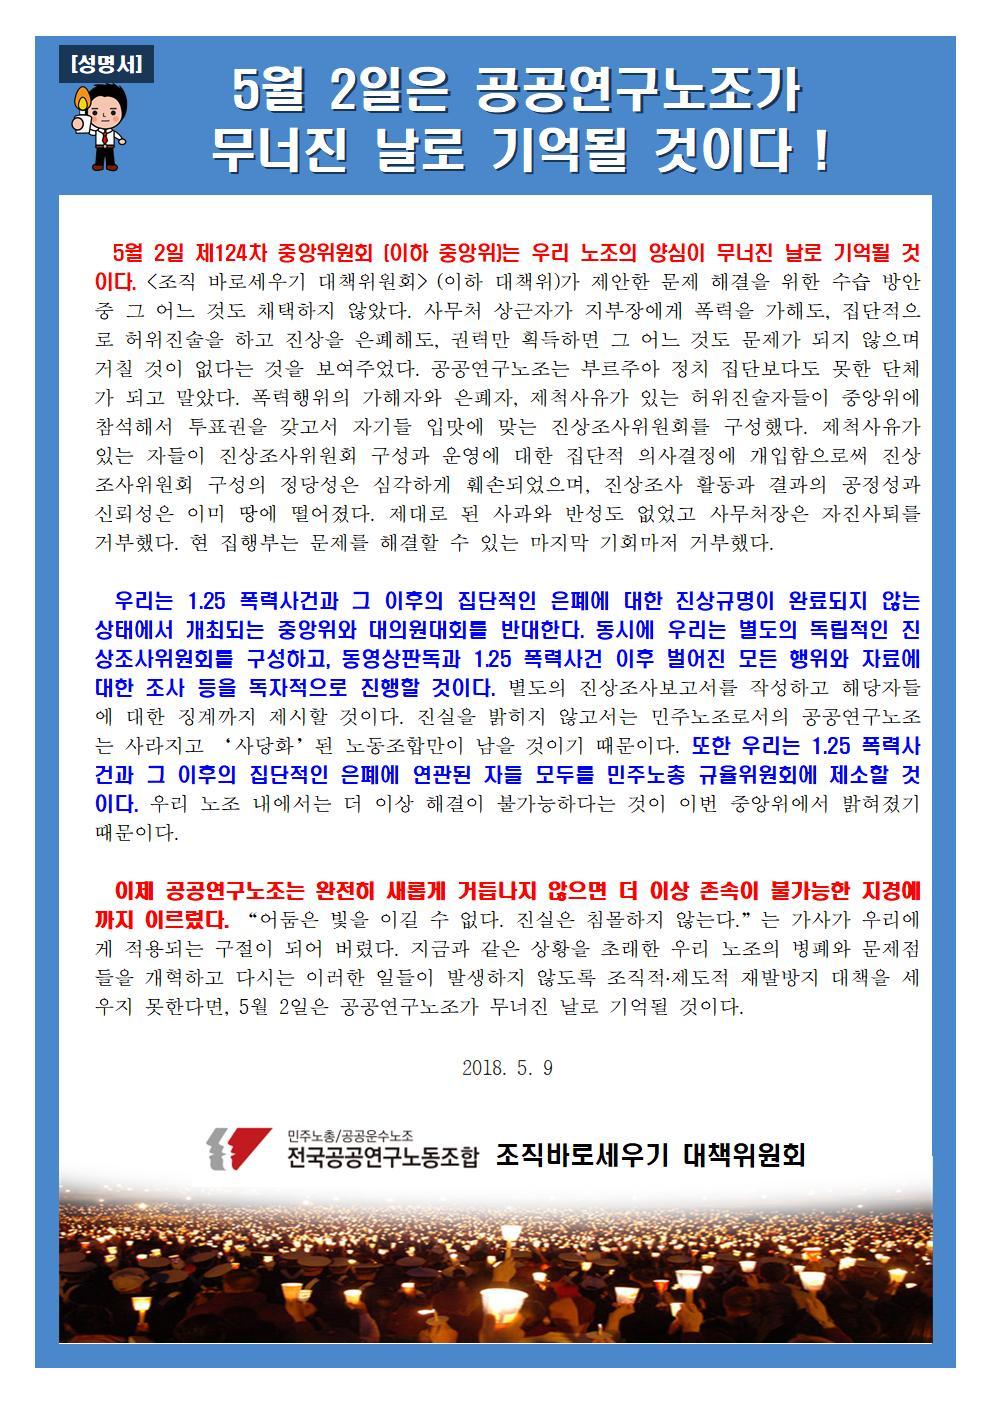 5월_2일_중앙위_개최와_결과에_대한_대책위_입장문_2018.jpg